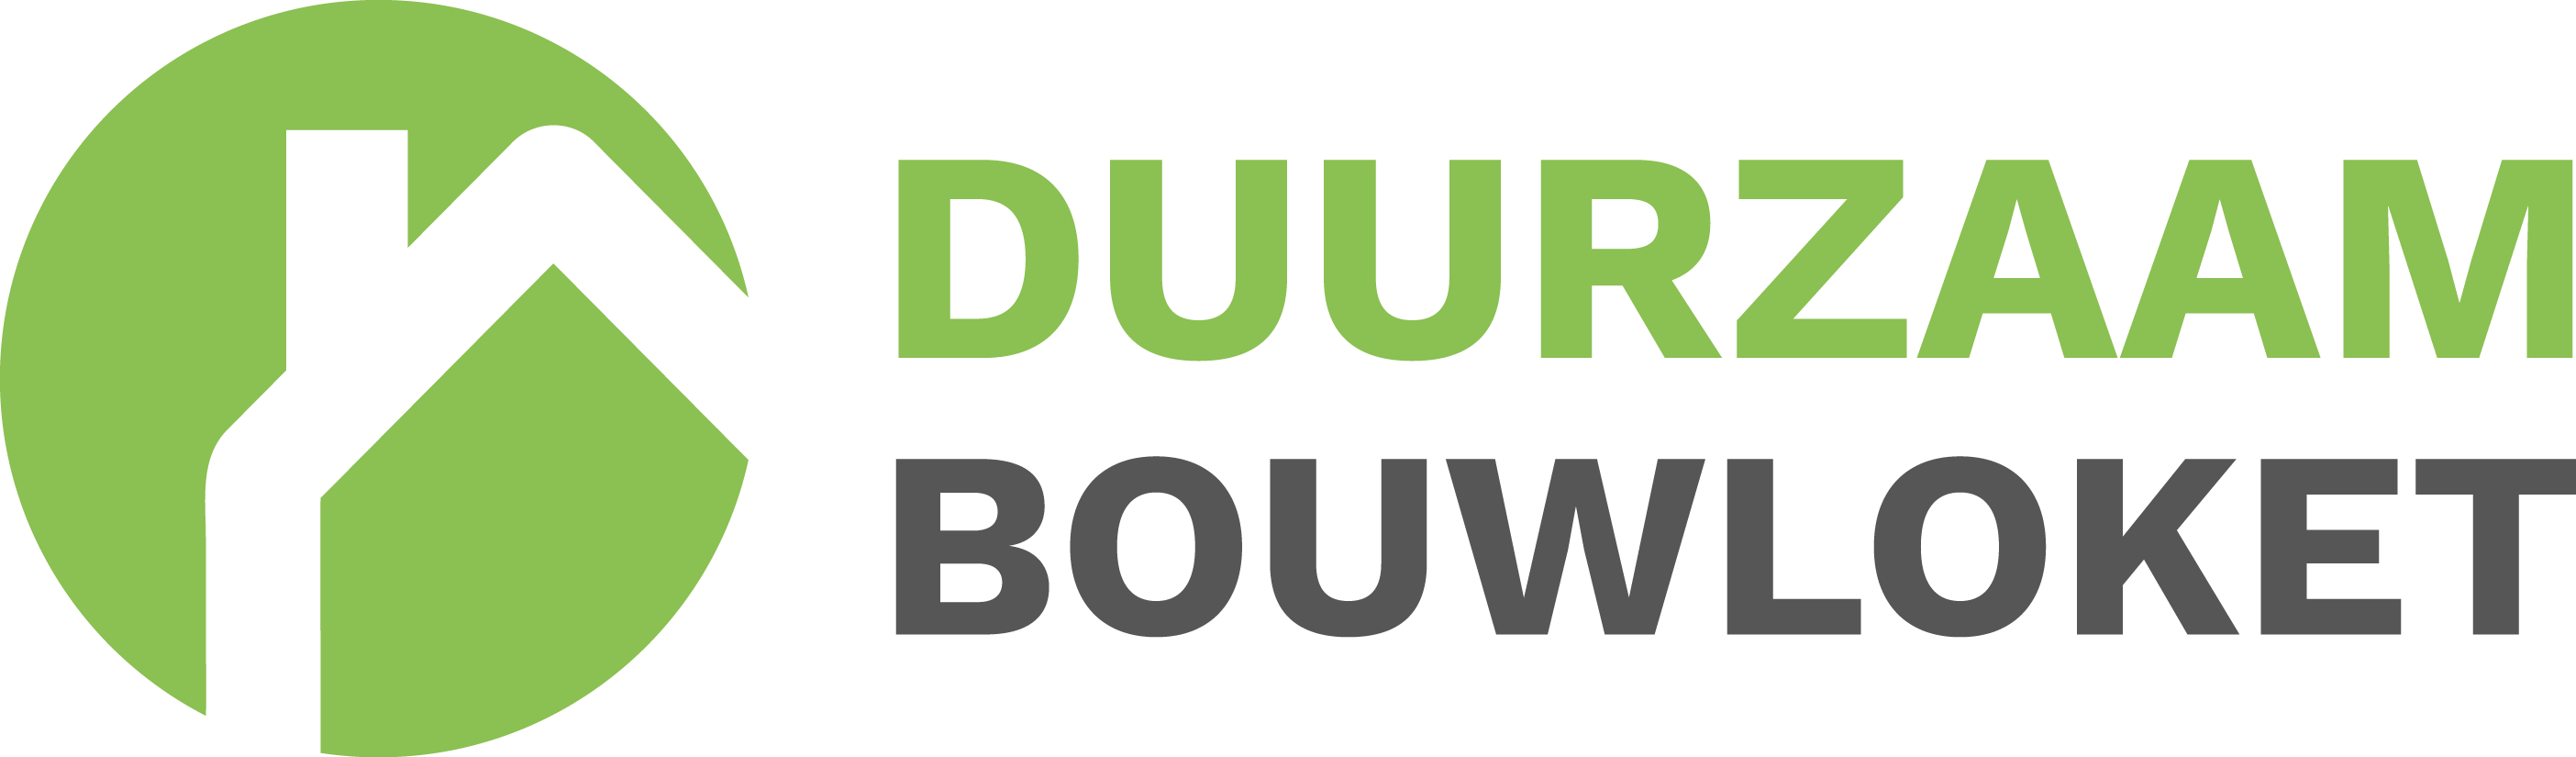 LOGO_2018_Duurzaam_Bouwloket_PNG